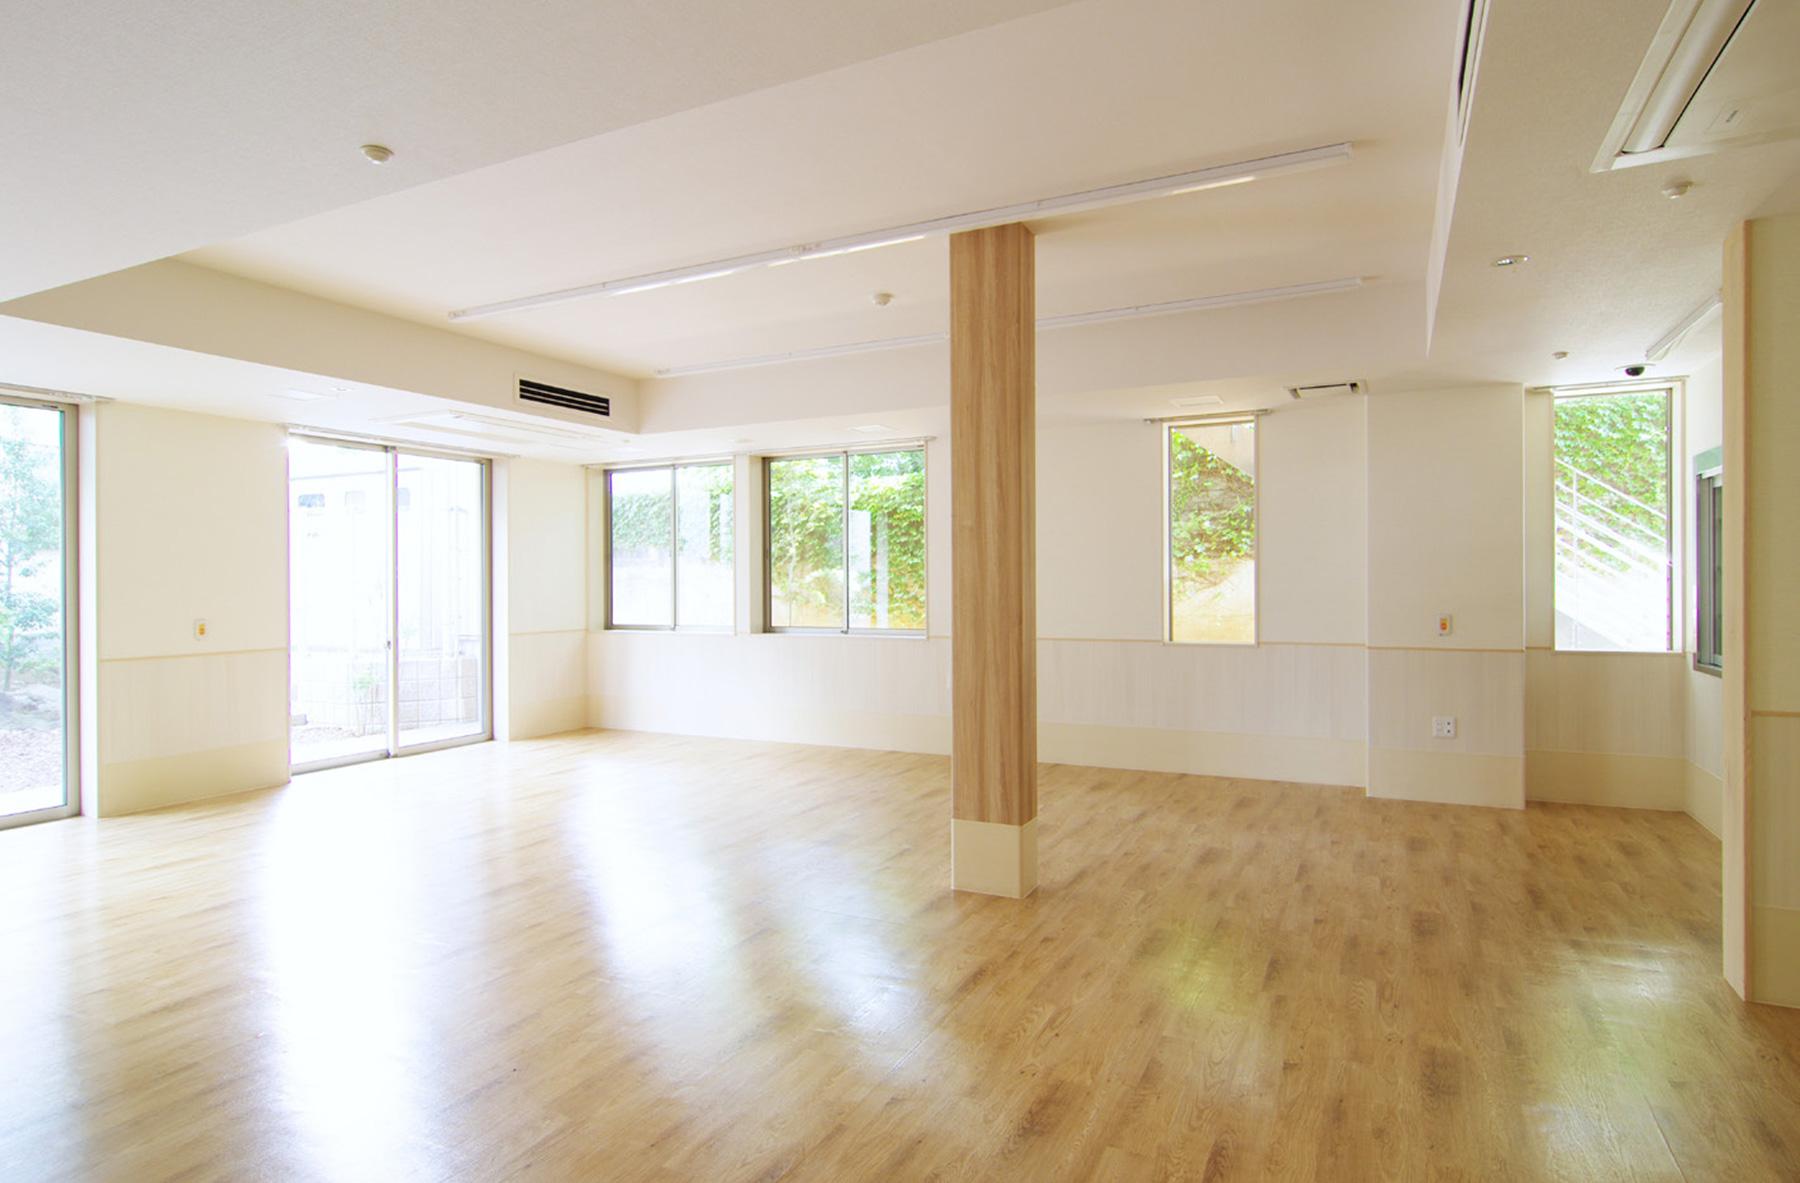 木造のケアハウスで建築基準法以外に注意すべき規定